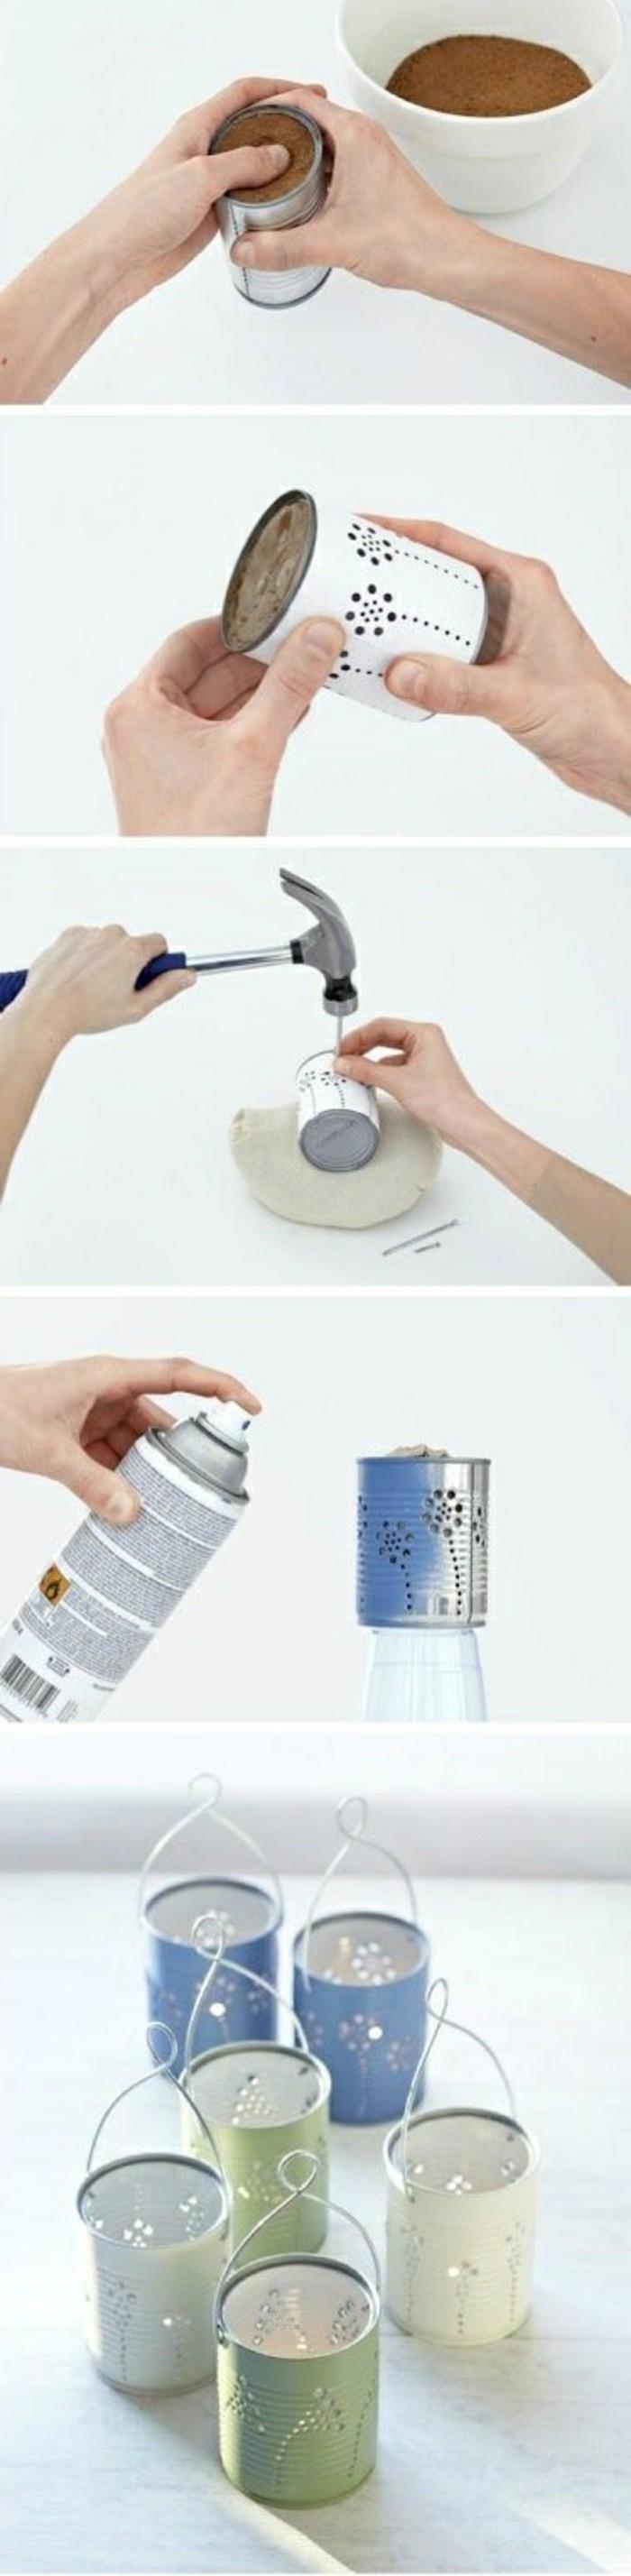 zimmer-dekorieren-kerzen-dosen-mit-spray-verzieren